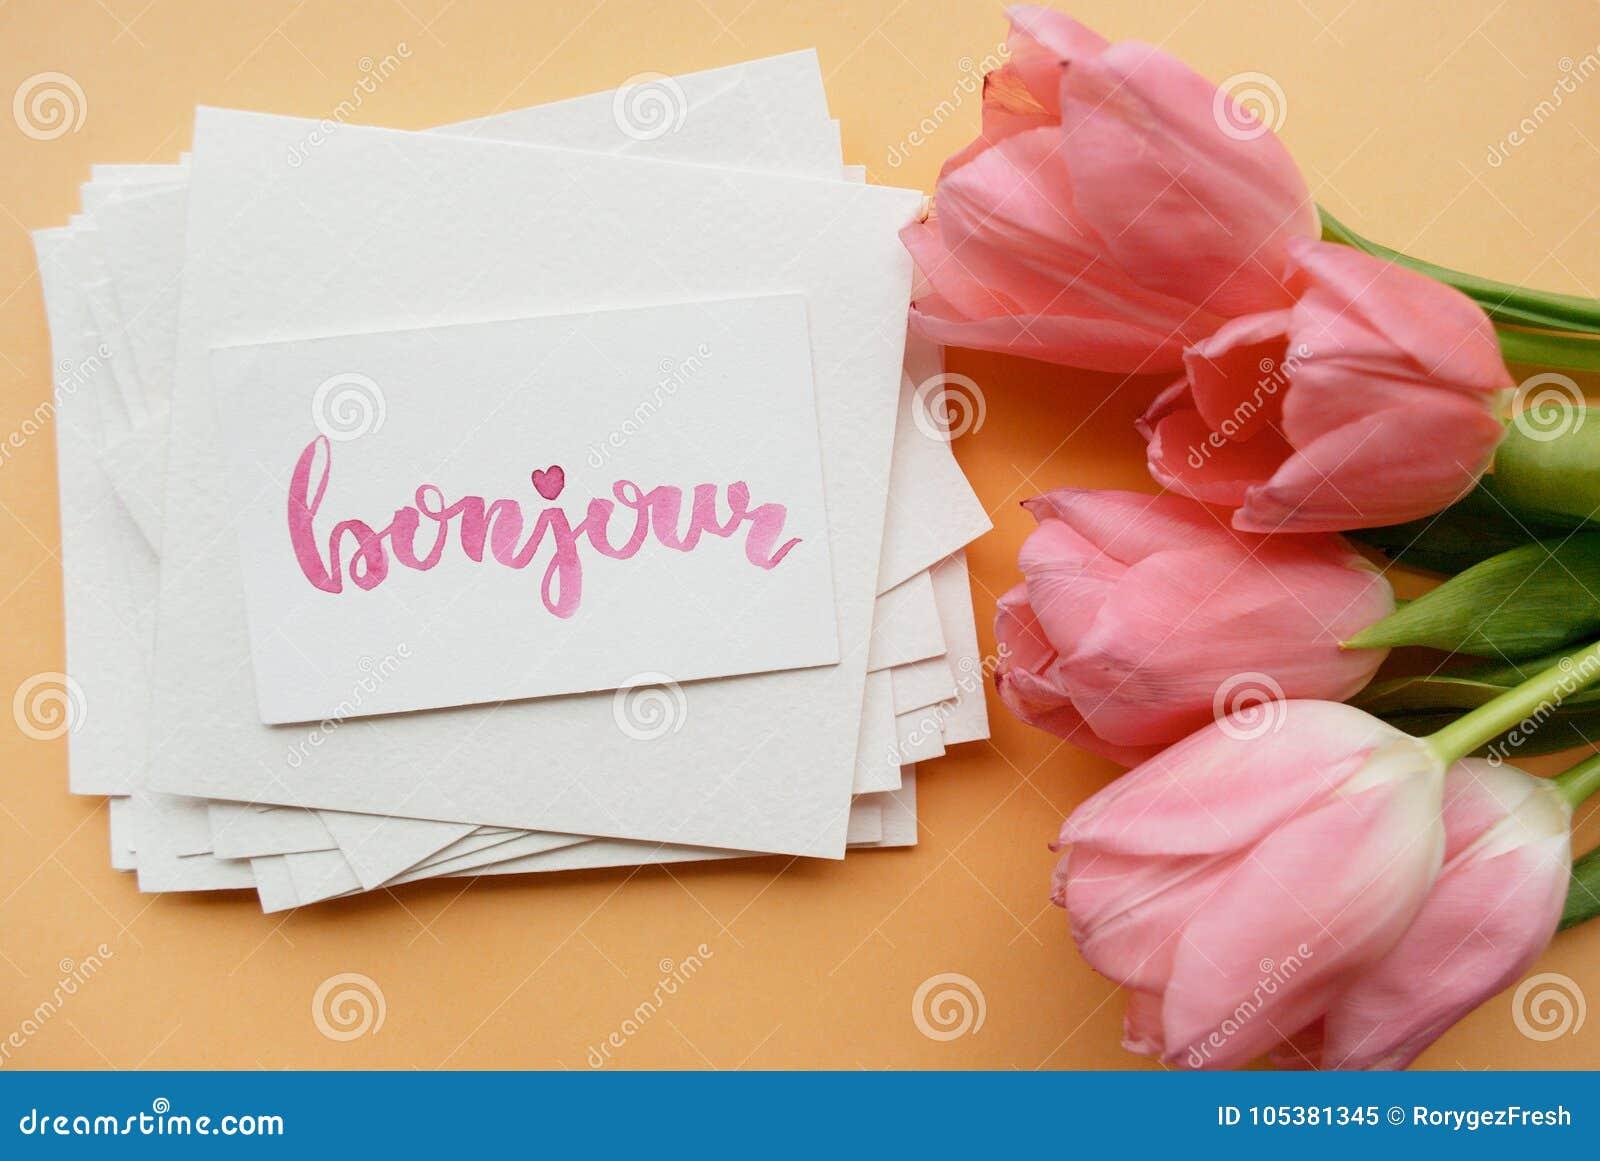 карточка при Bonjour слова написанное в стиле каллиграфии